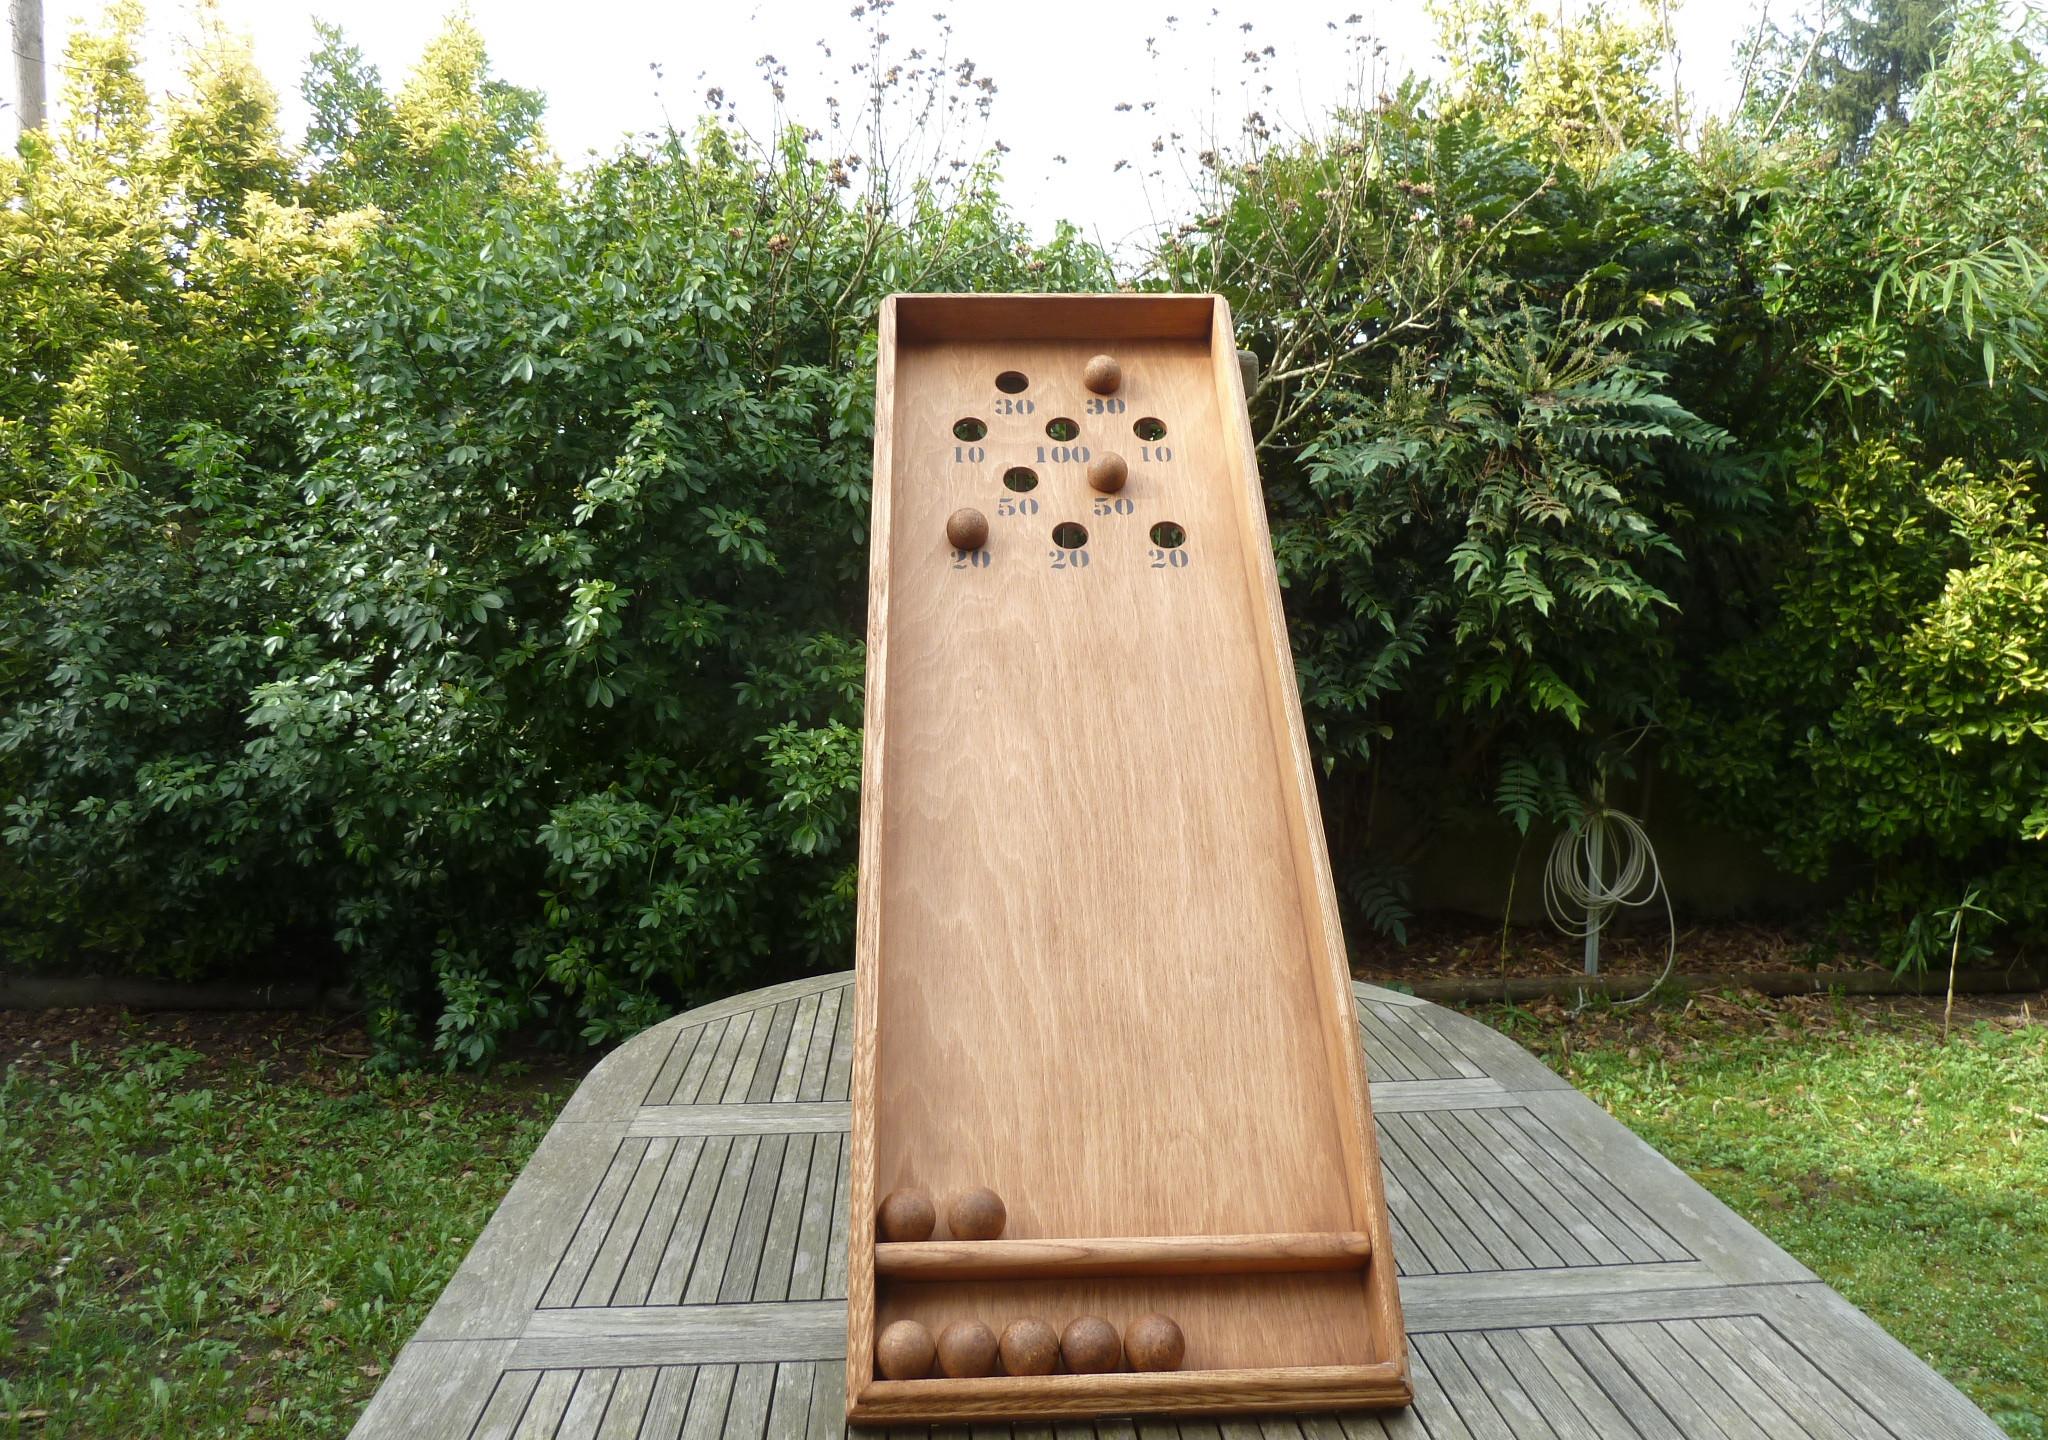 location jeux en bois Paris Billard japonais